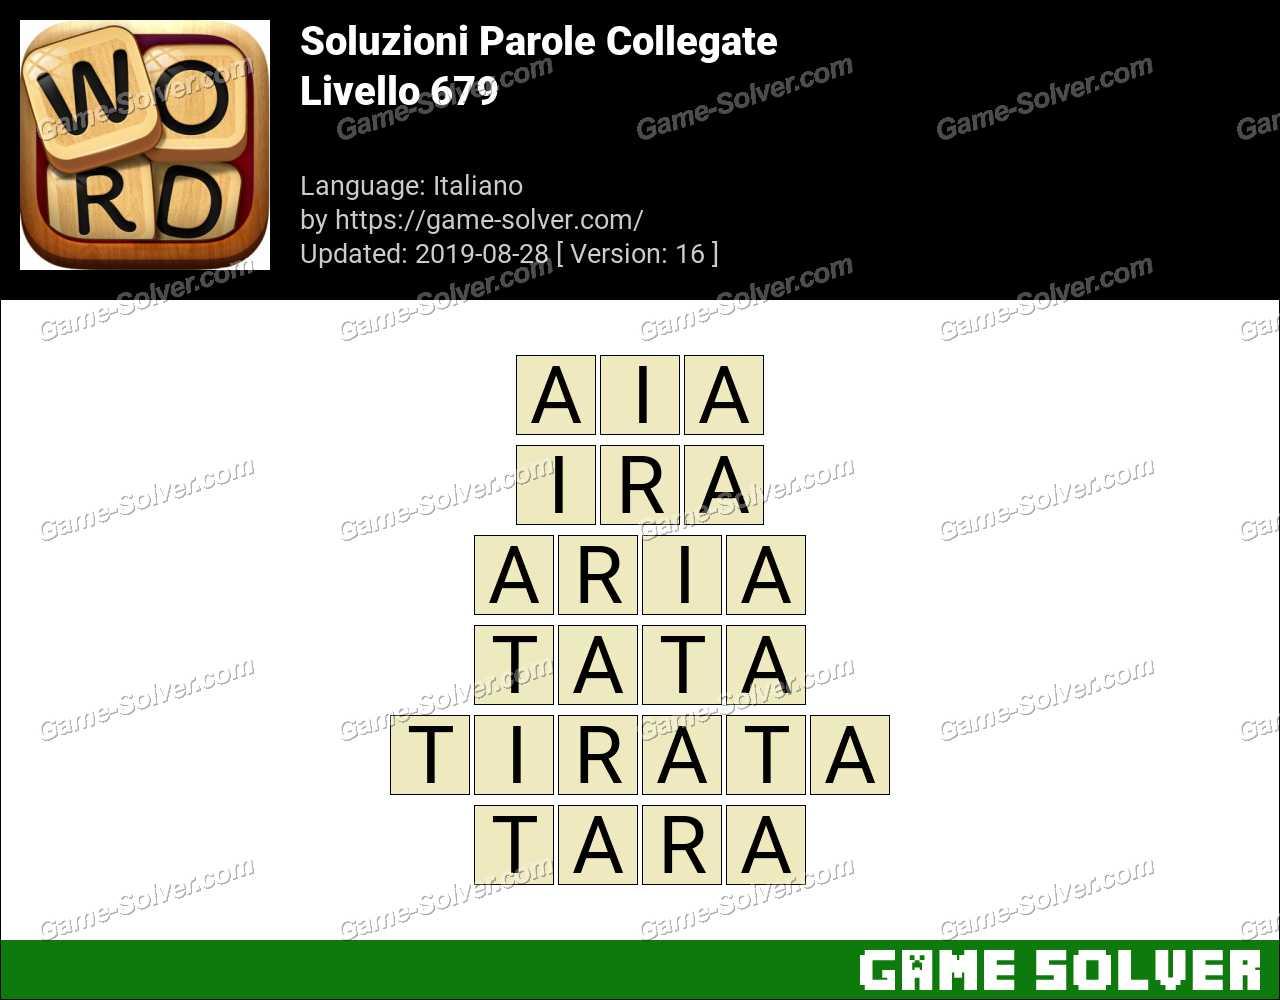 Soluzioni Parole Collegate Livello 679